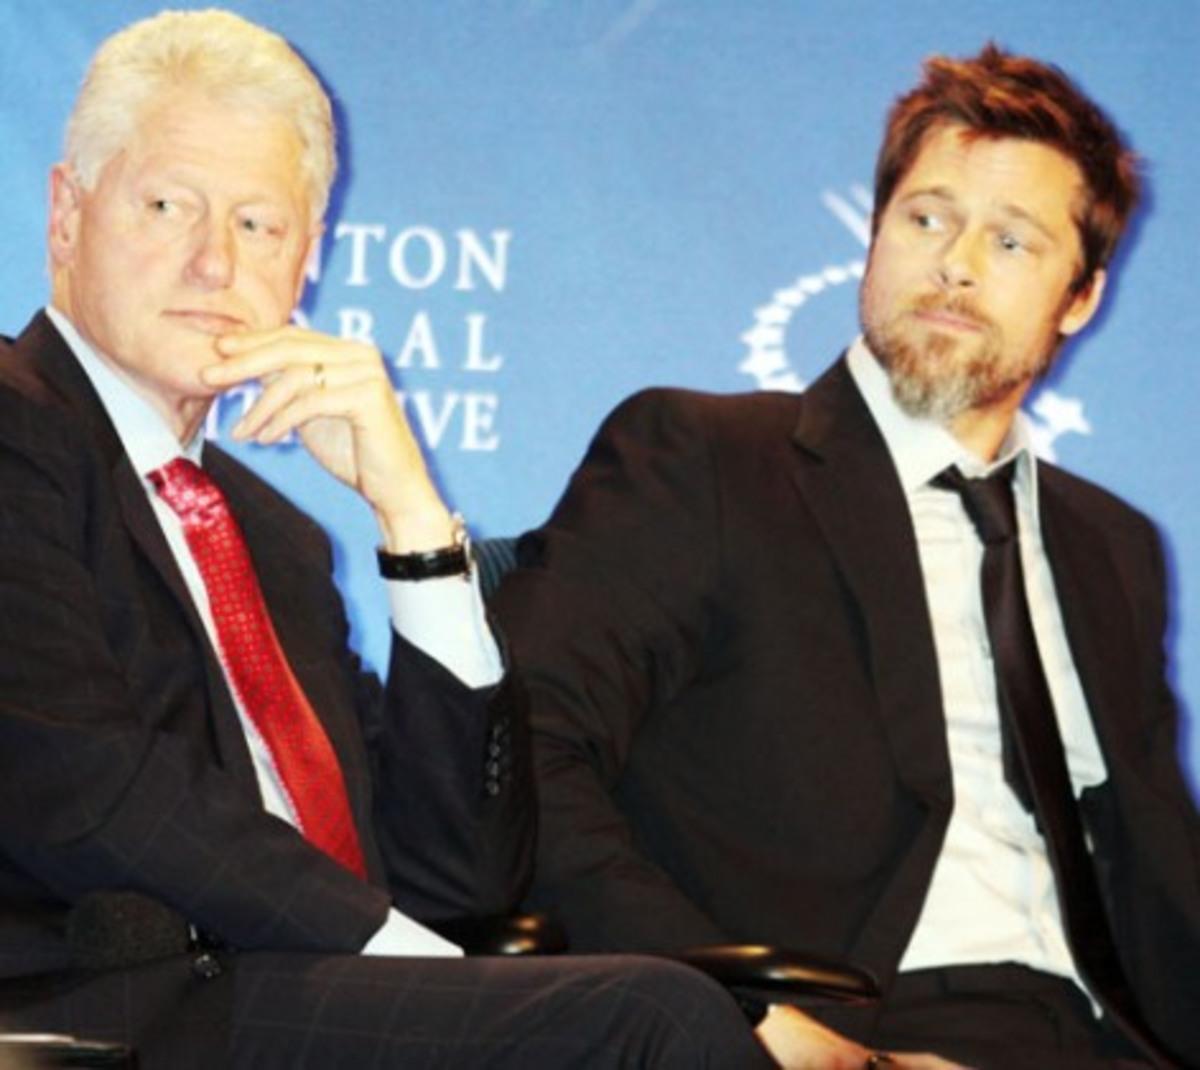 Πιτ και Κλίντον μαζί στη φιλανθρωπία | Newsit.gr